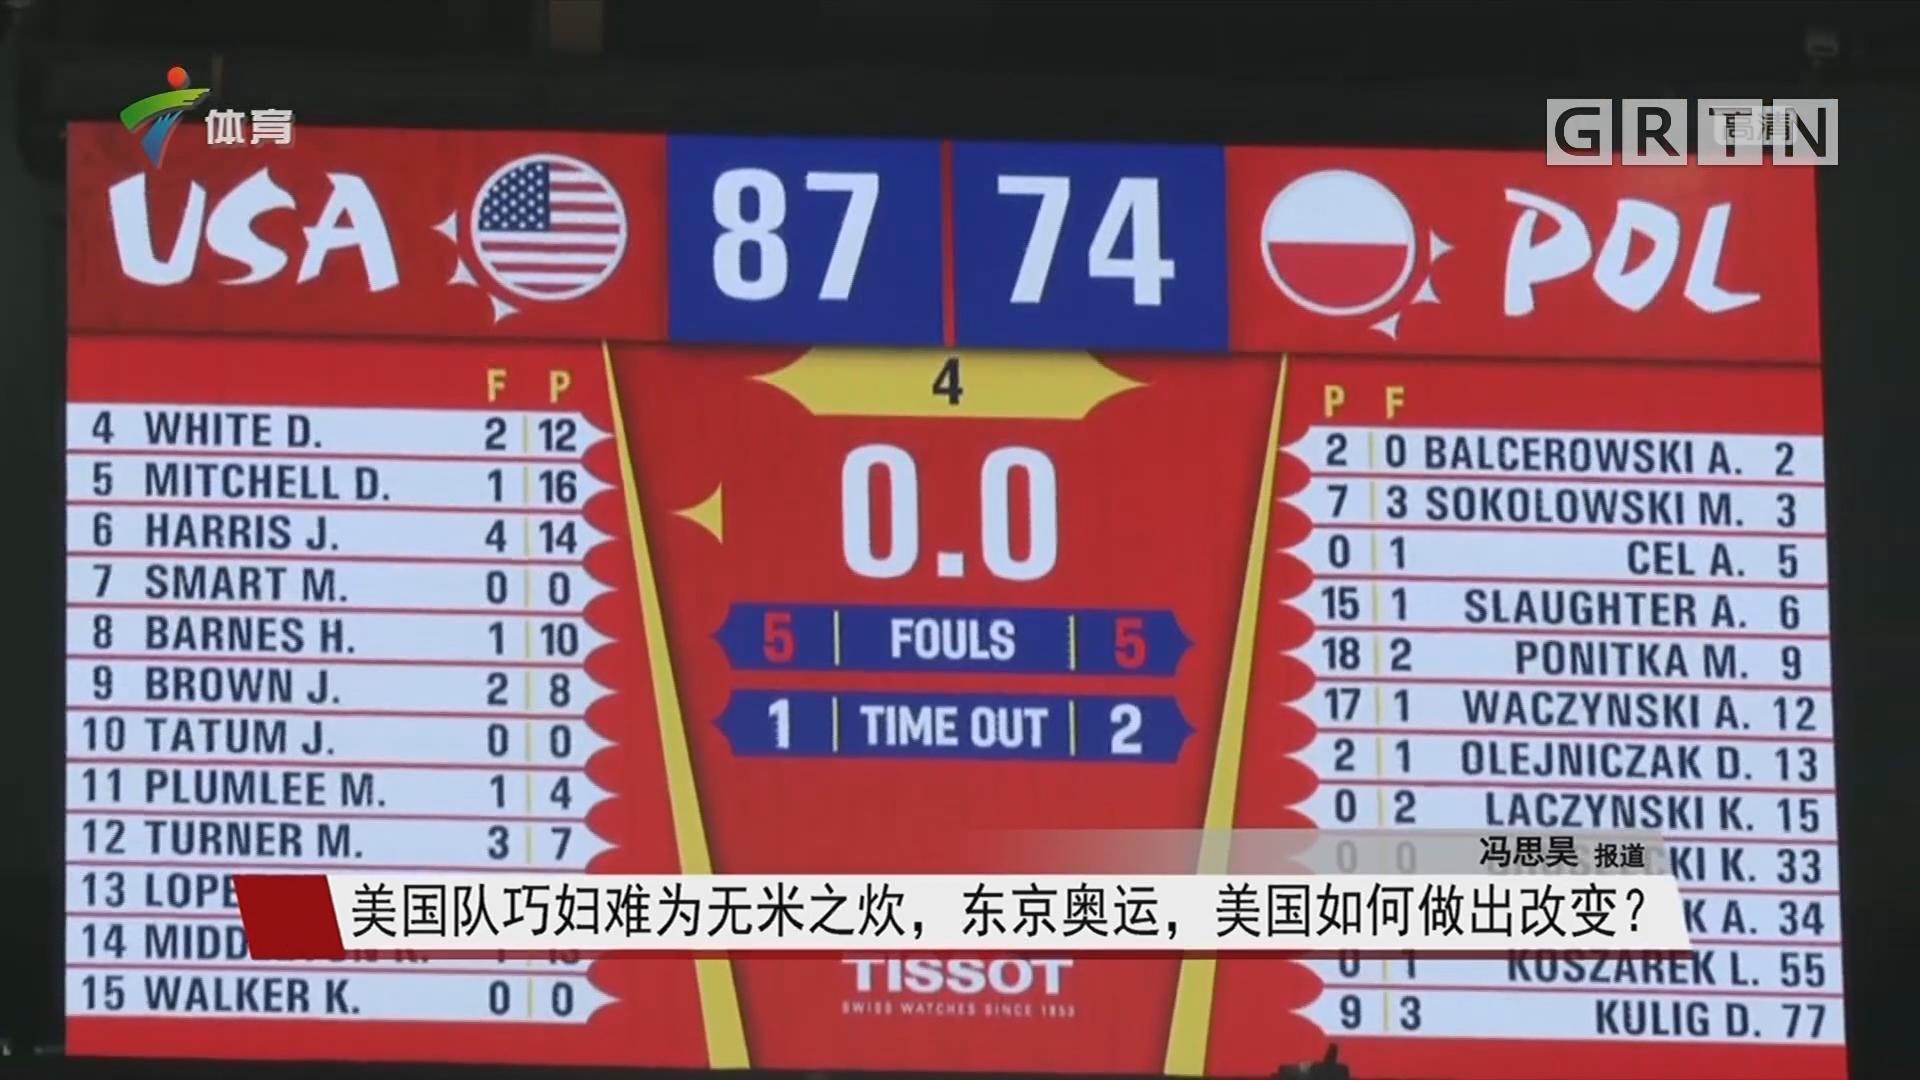 美国队巧妇难为无米之炊,东京奥运,美国如何做出改变?